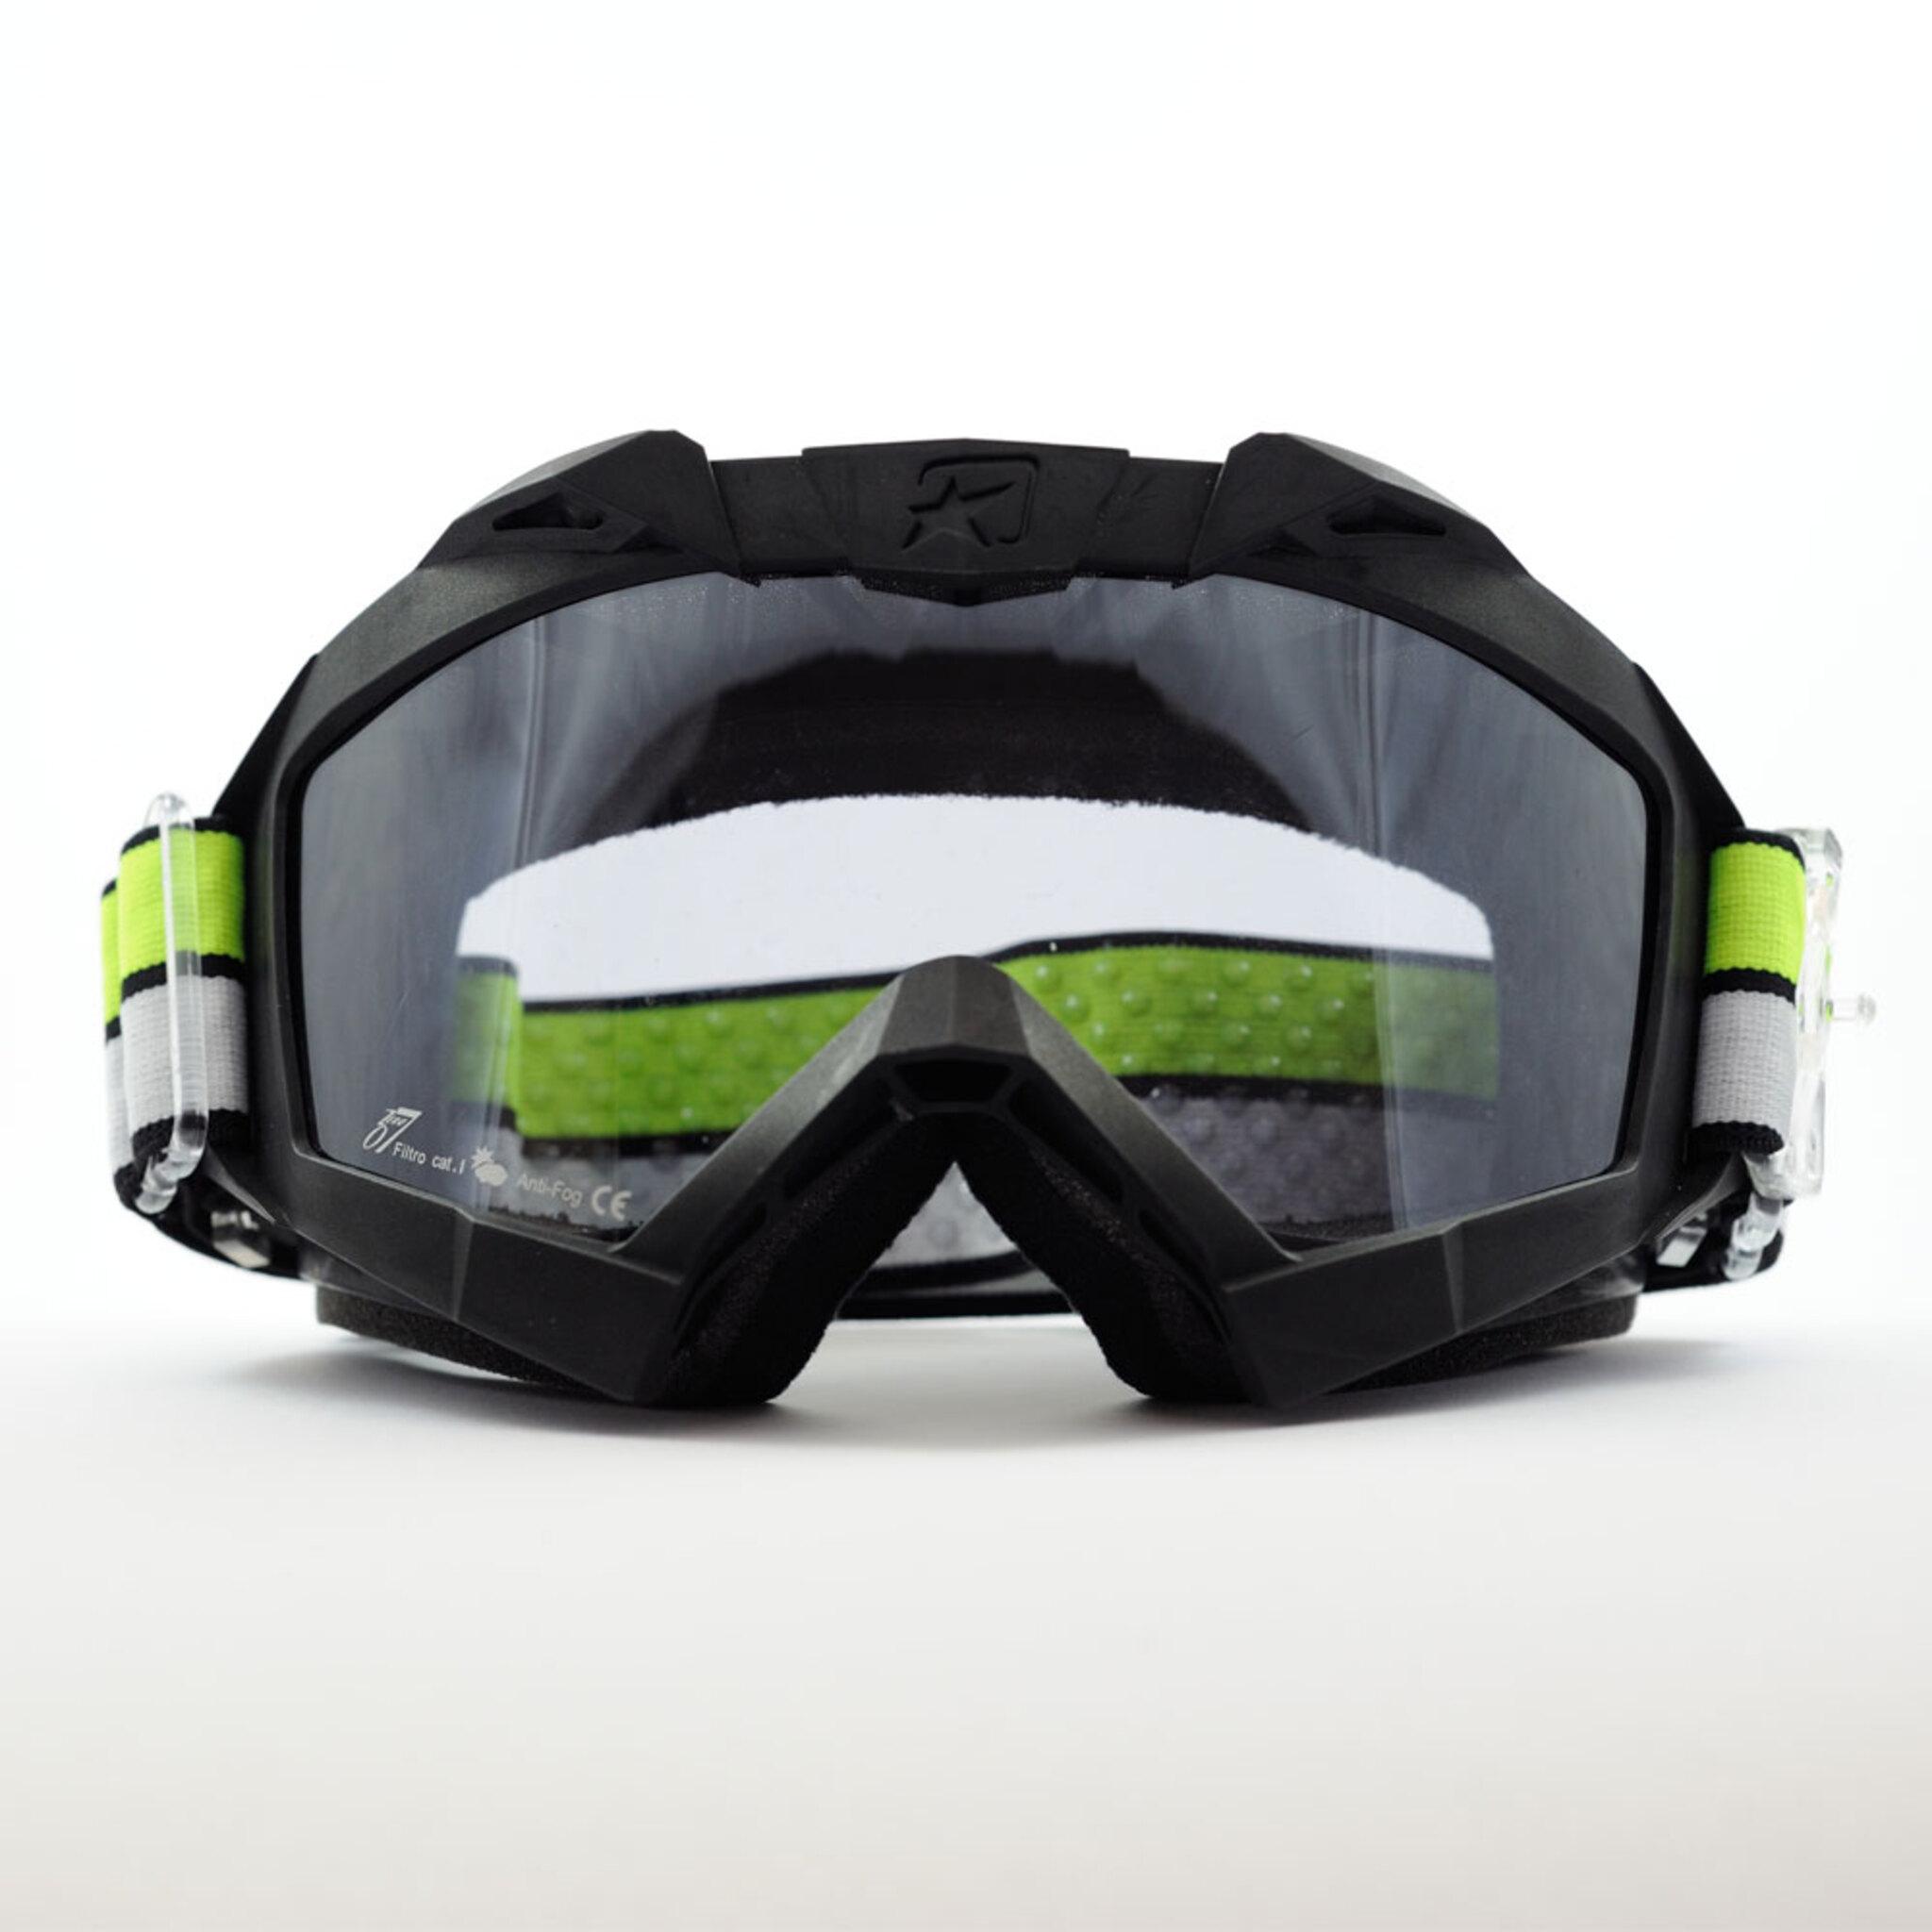 Маска кроссовая Ariete Adrenaline Primis Plus 2021, черный, прозрачная линзы